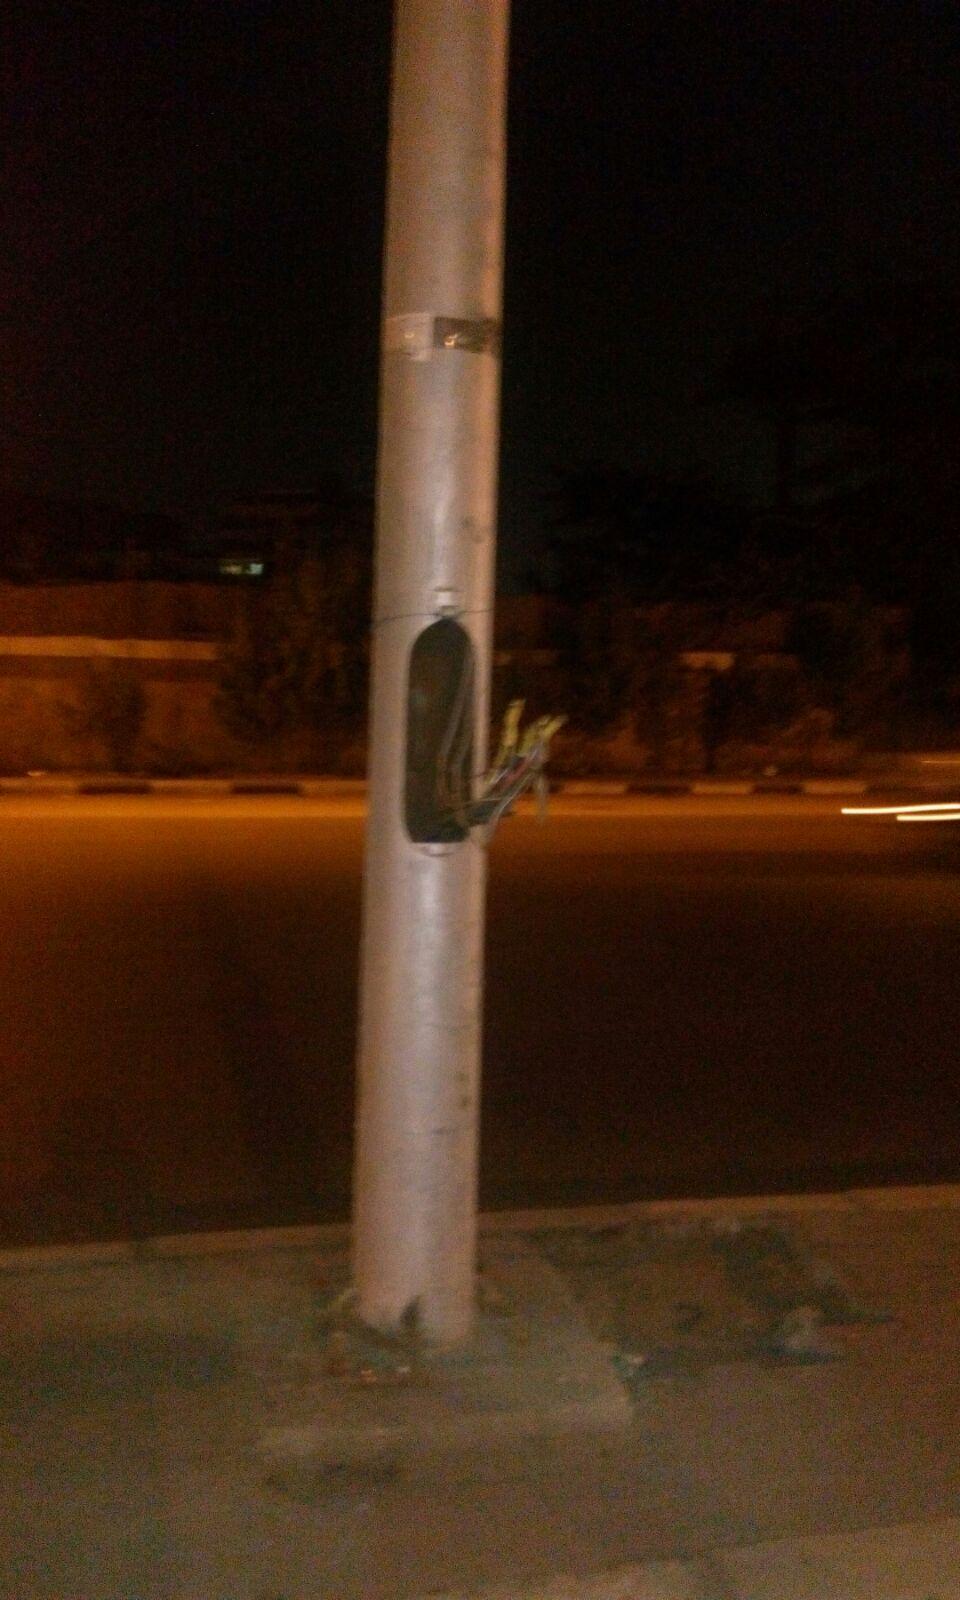 أعمدة إنارة تهدد حياة المواطنين في شارع الهرم